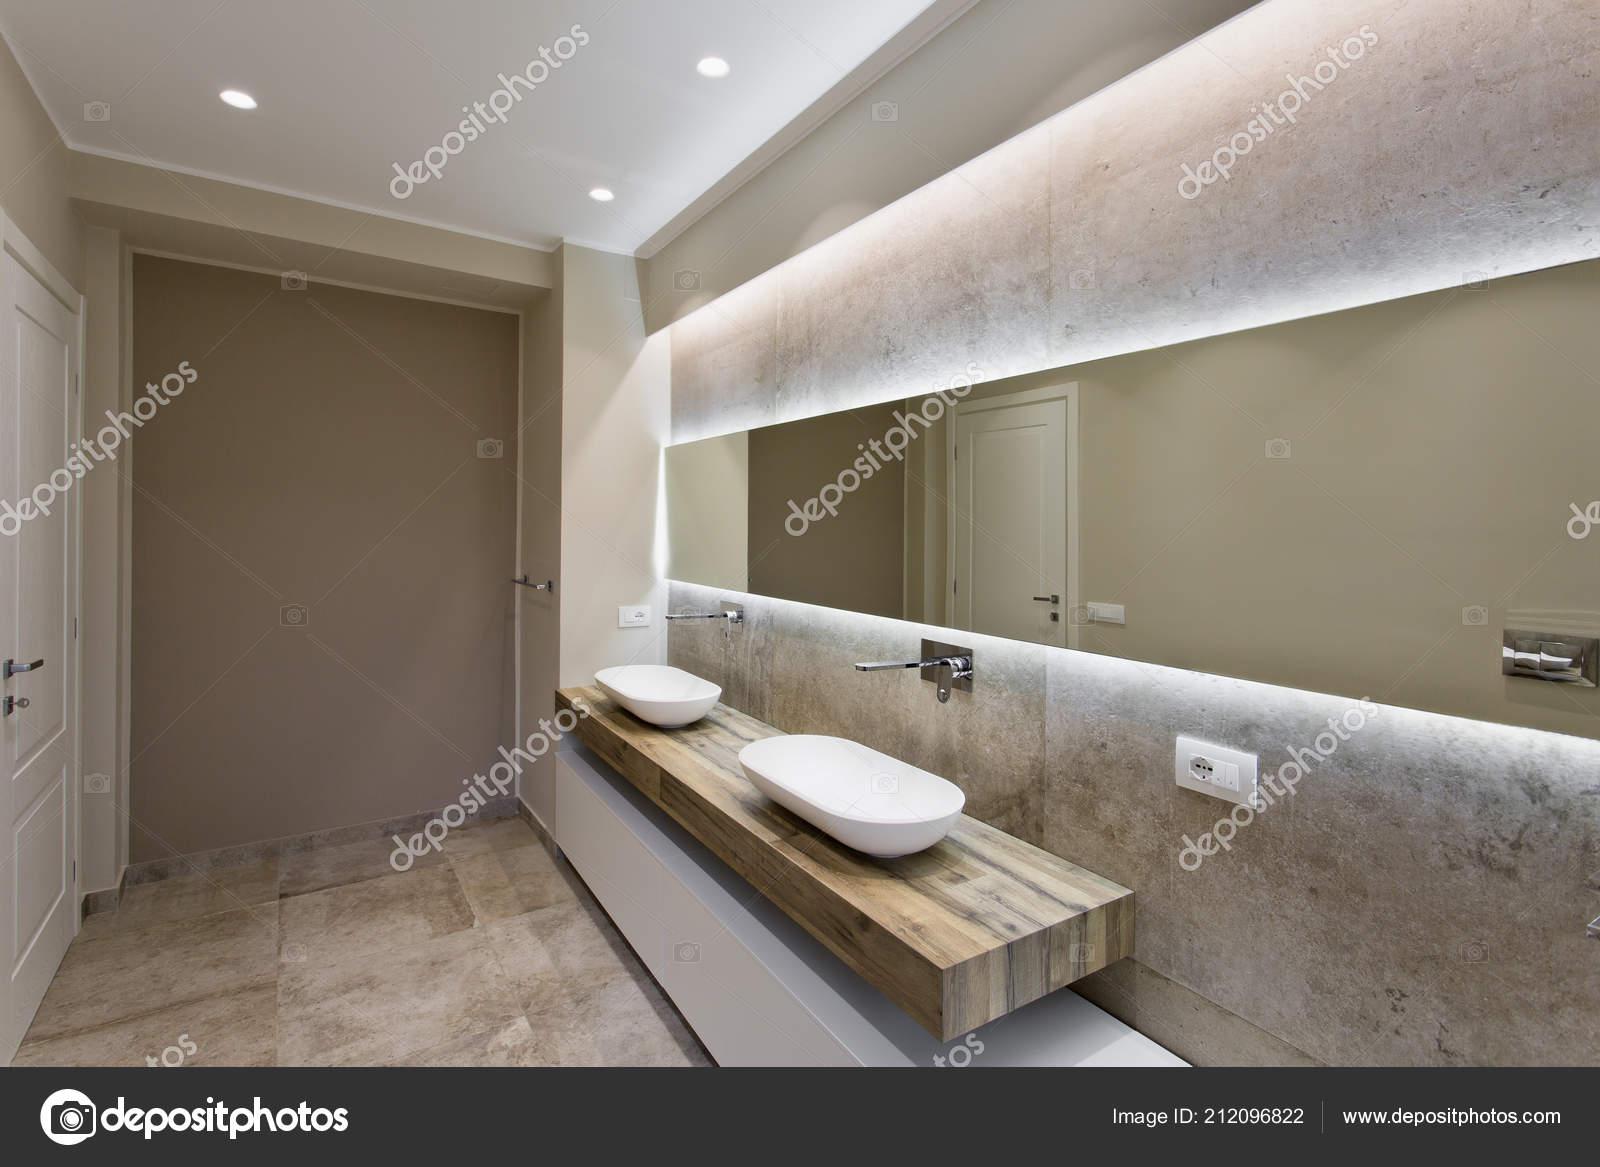 Lavabi Moderni Per Bagno.Moderno Bagno Con Doppio Lavabo Bagno Sanitari Sospesi Foto Stock